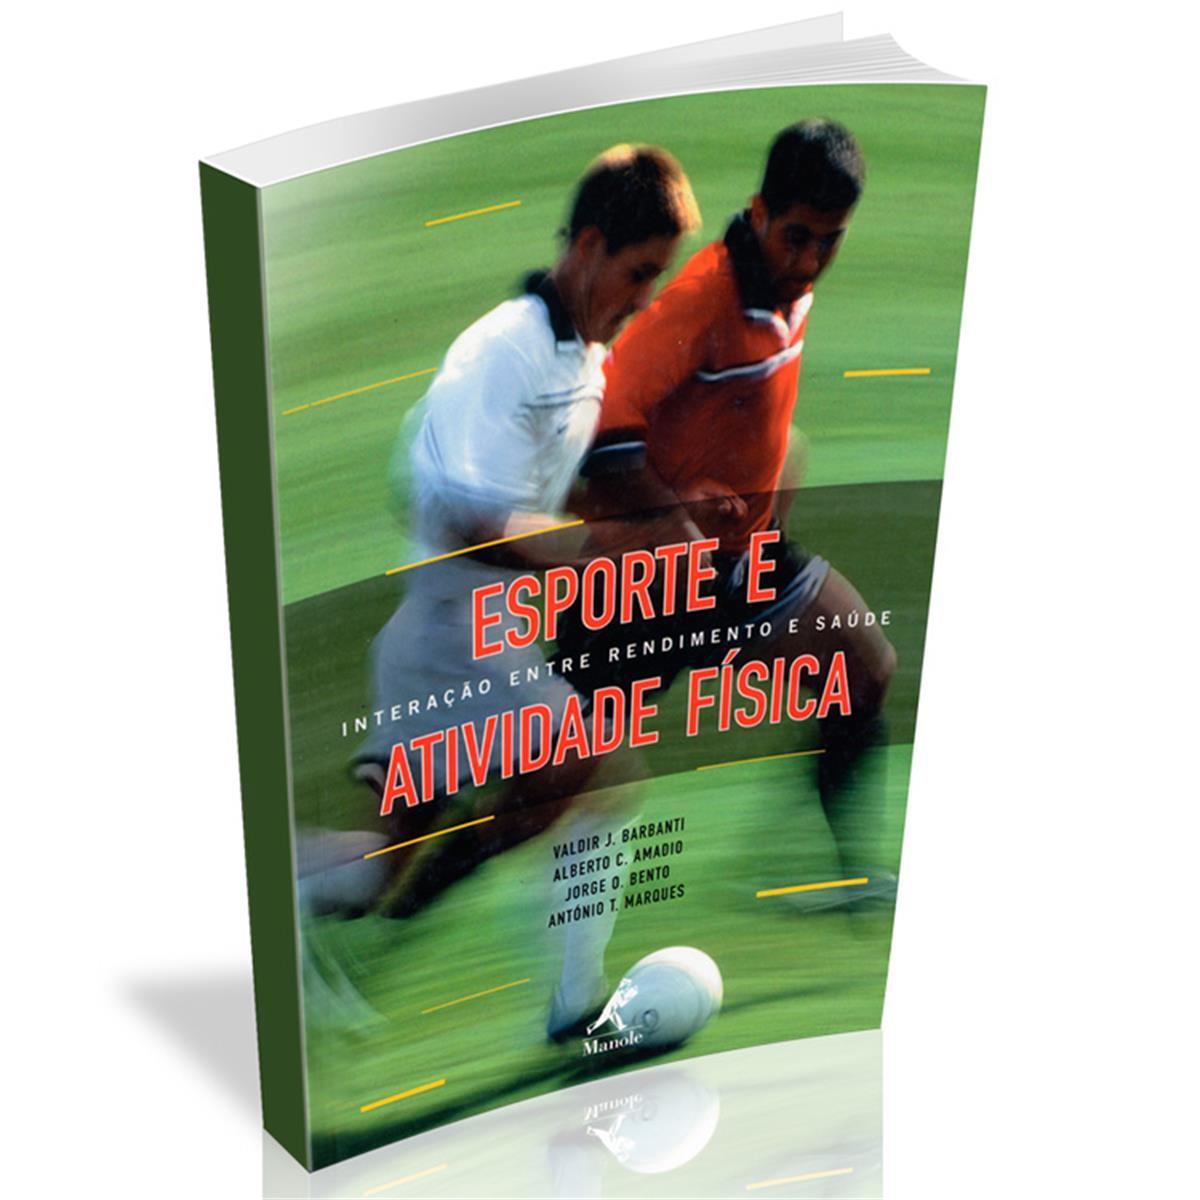 Livro - Esporte E Atividade Física: Interação Entre Rendimento E Saúde - Editora Manole